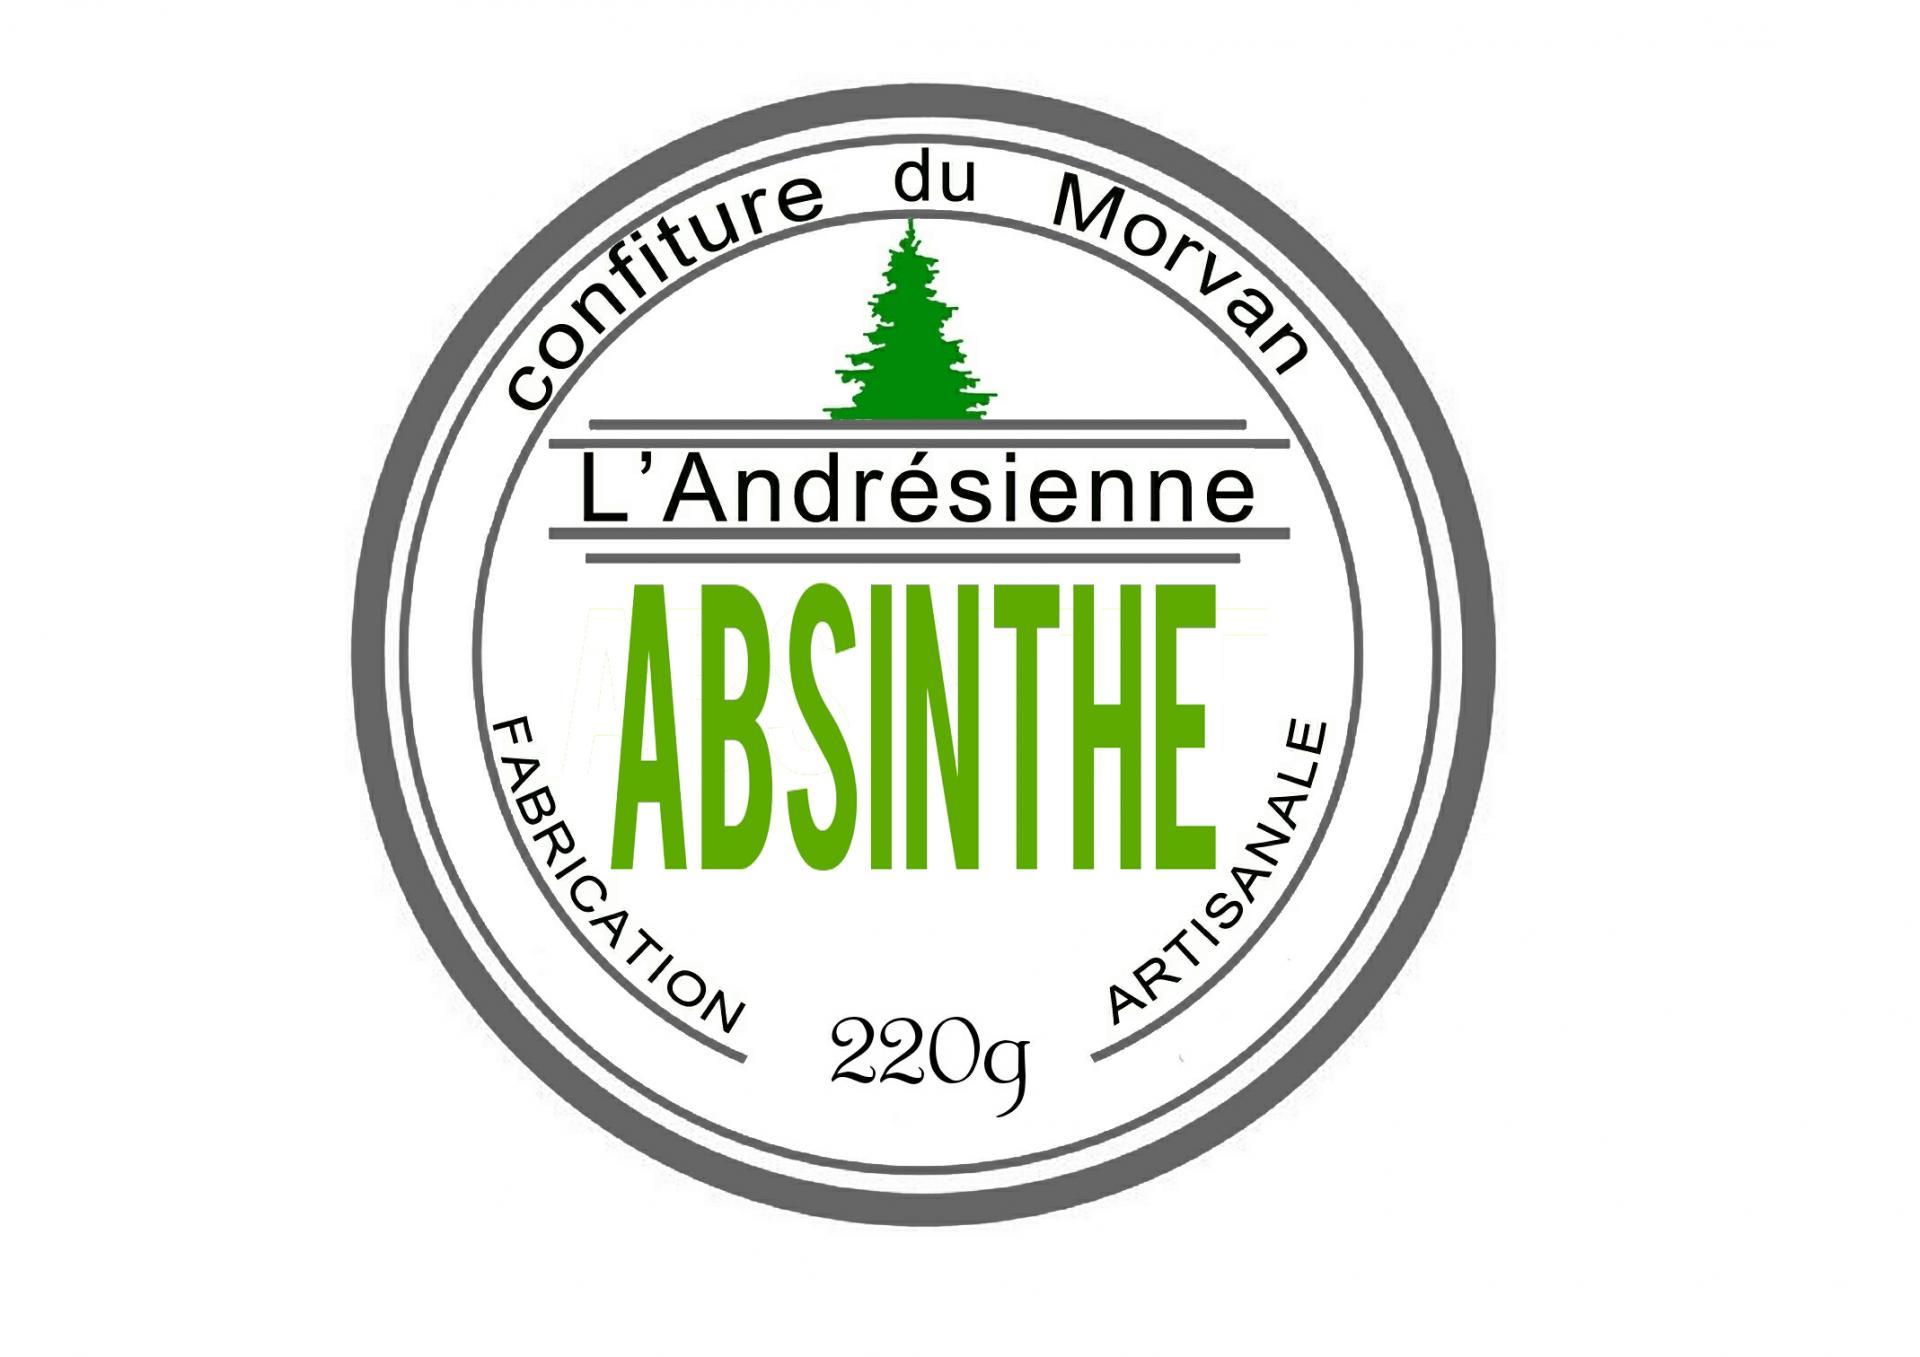 Absinthe 220g